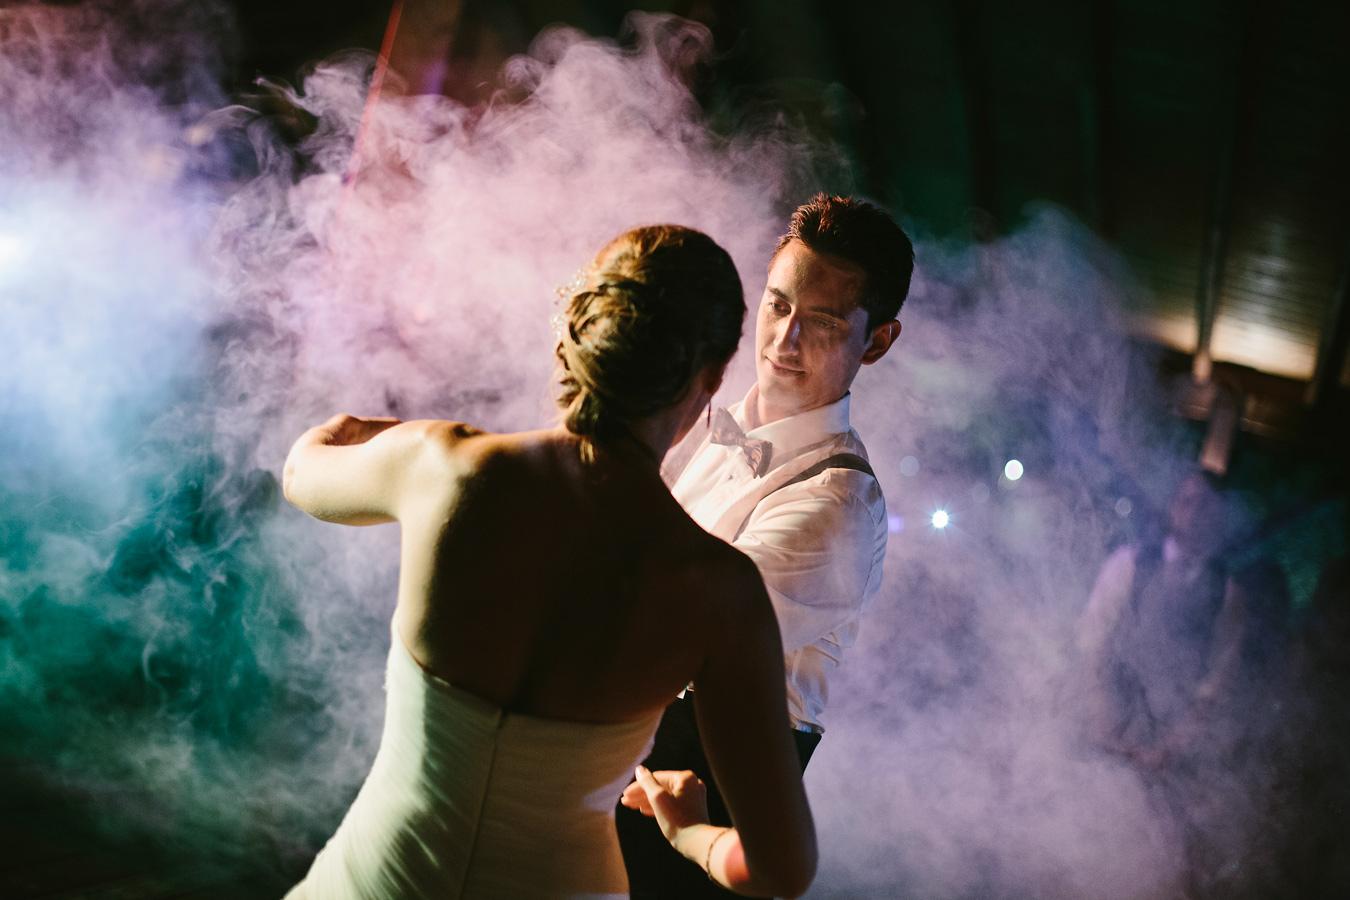 fotografo de bodas en malaga archidona restaurante baile novios